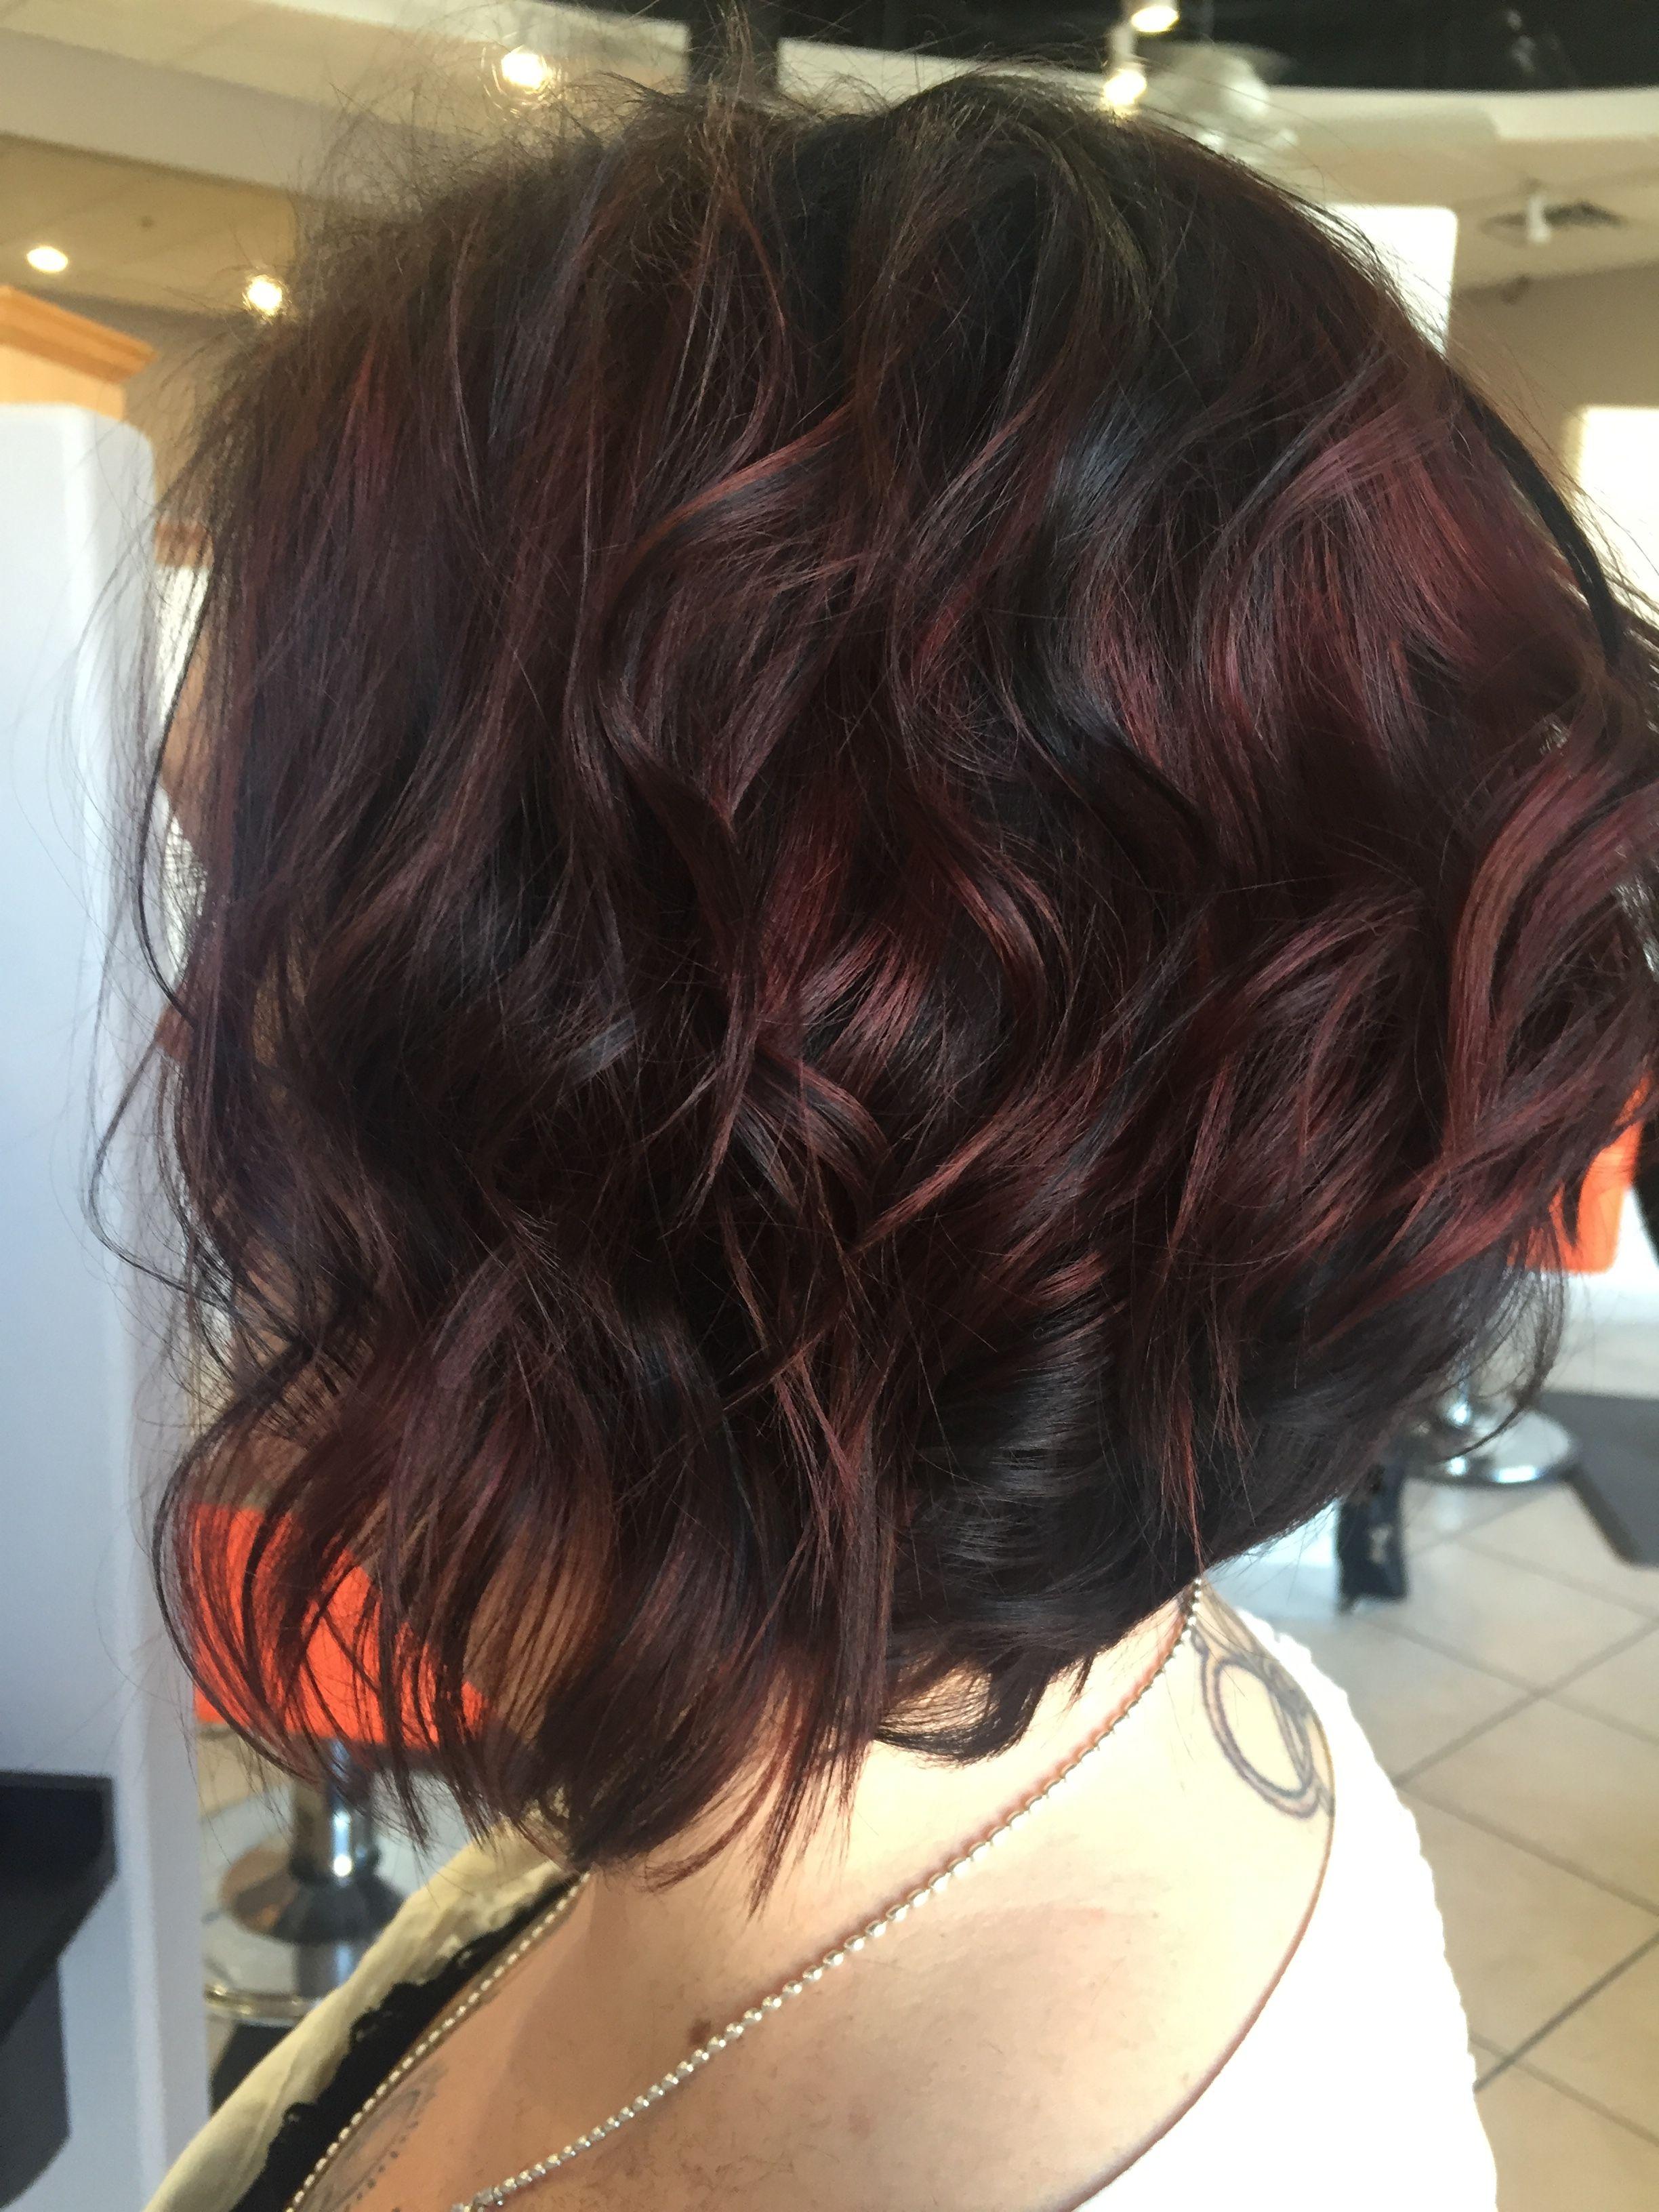 30+ Cherry chocolate hair ideas